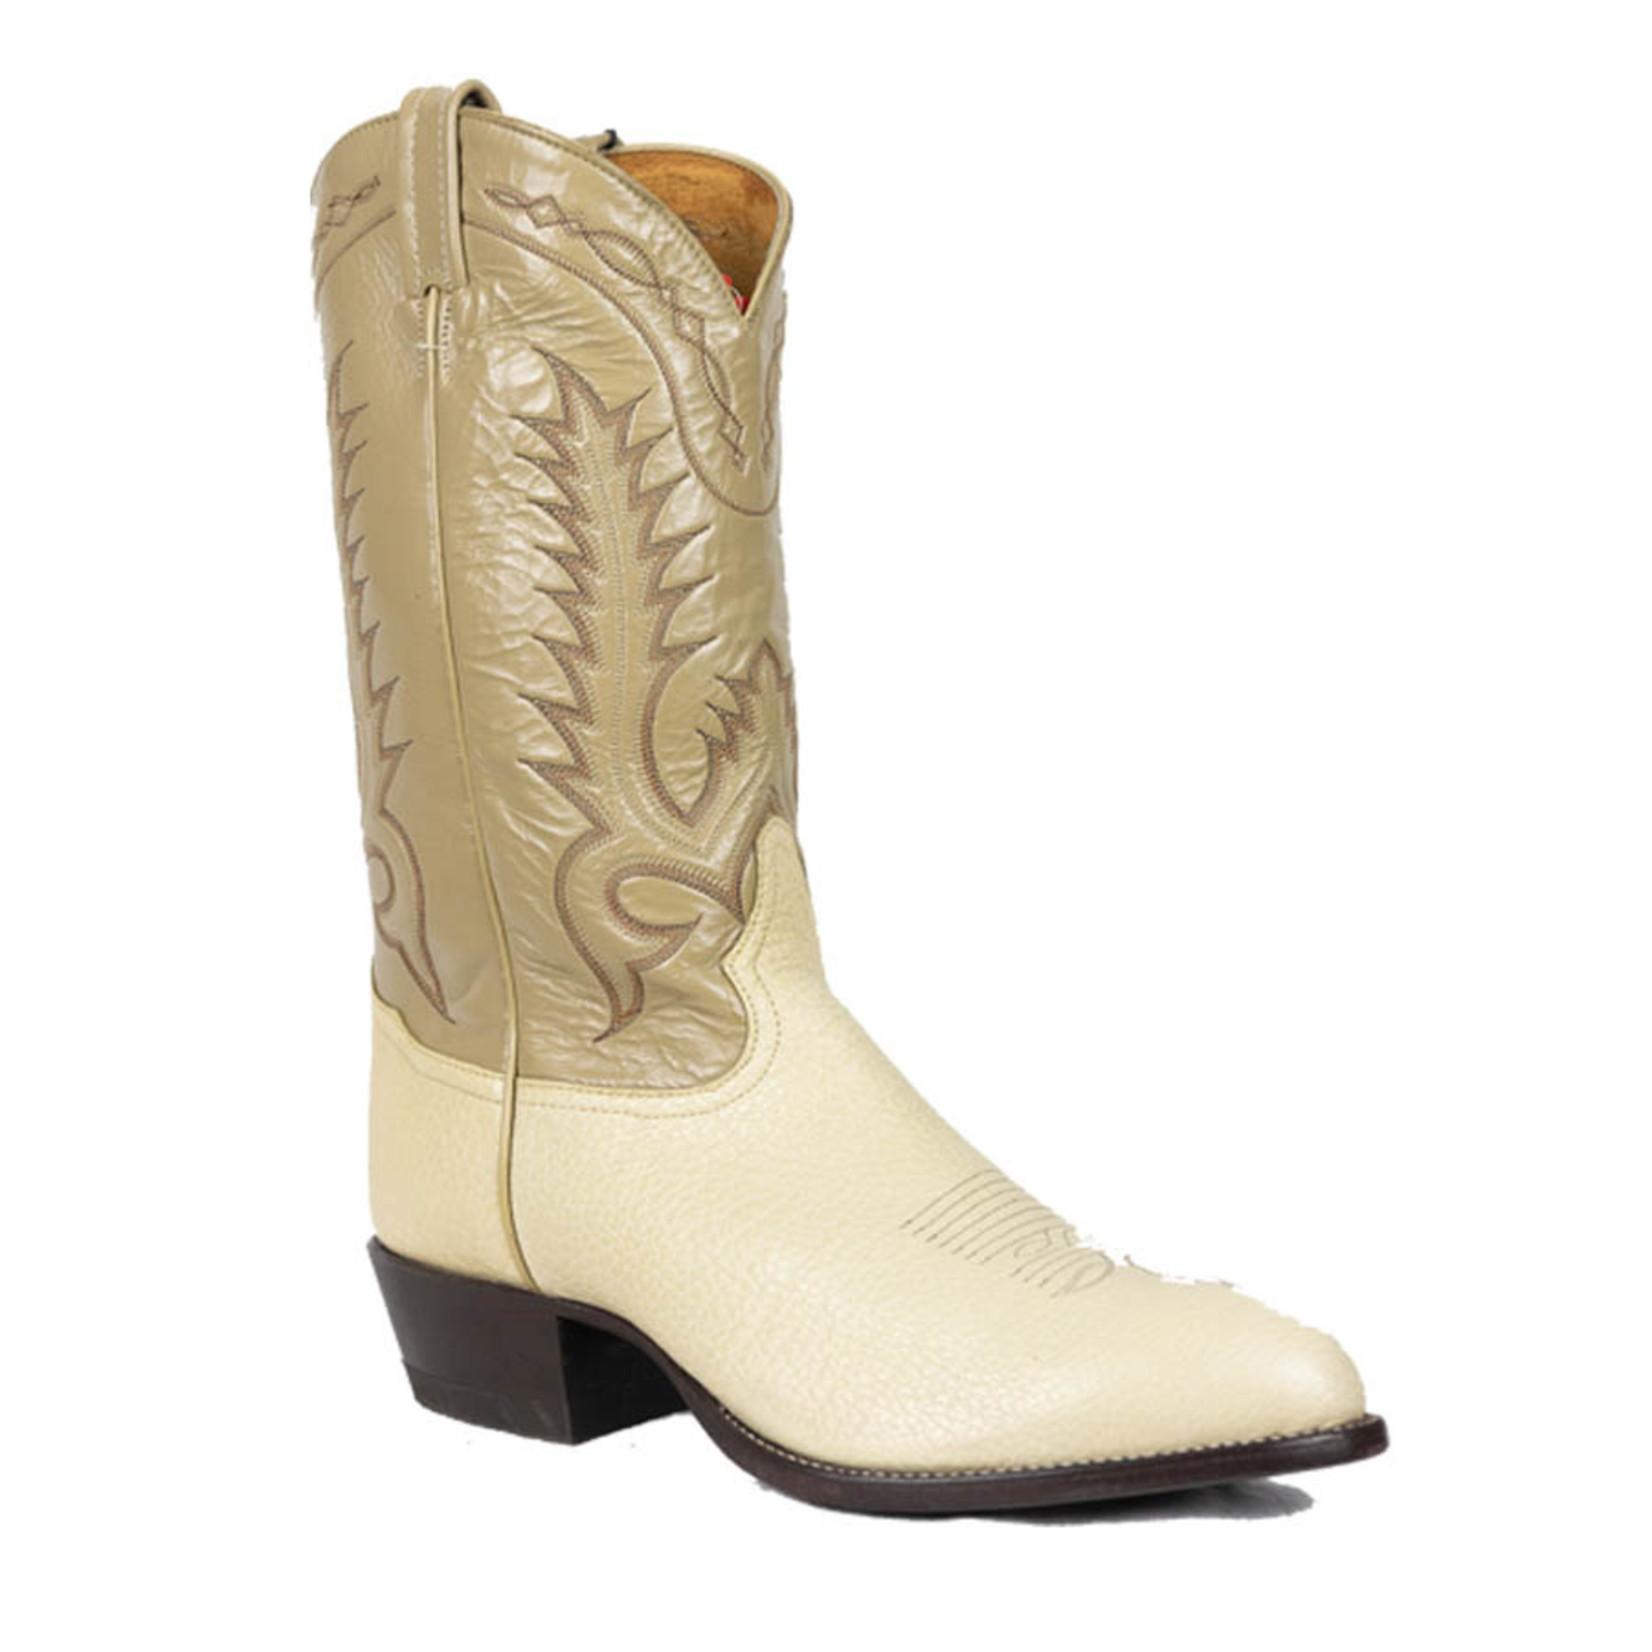 Tony Lama Tony Lama Men's Cowboy Boot 6887 2E